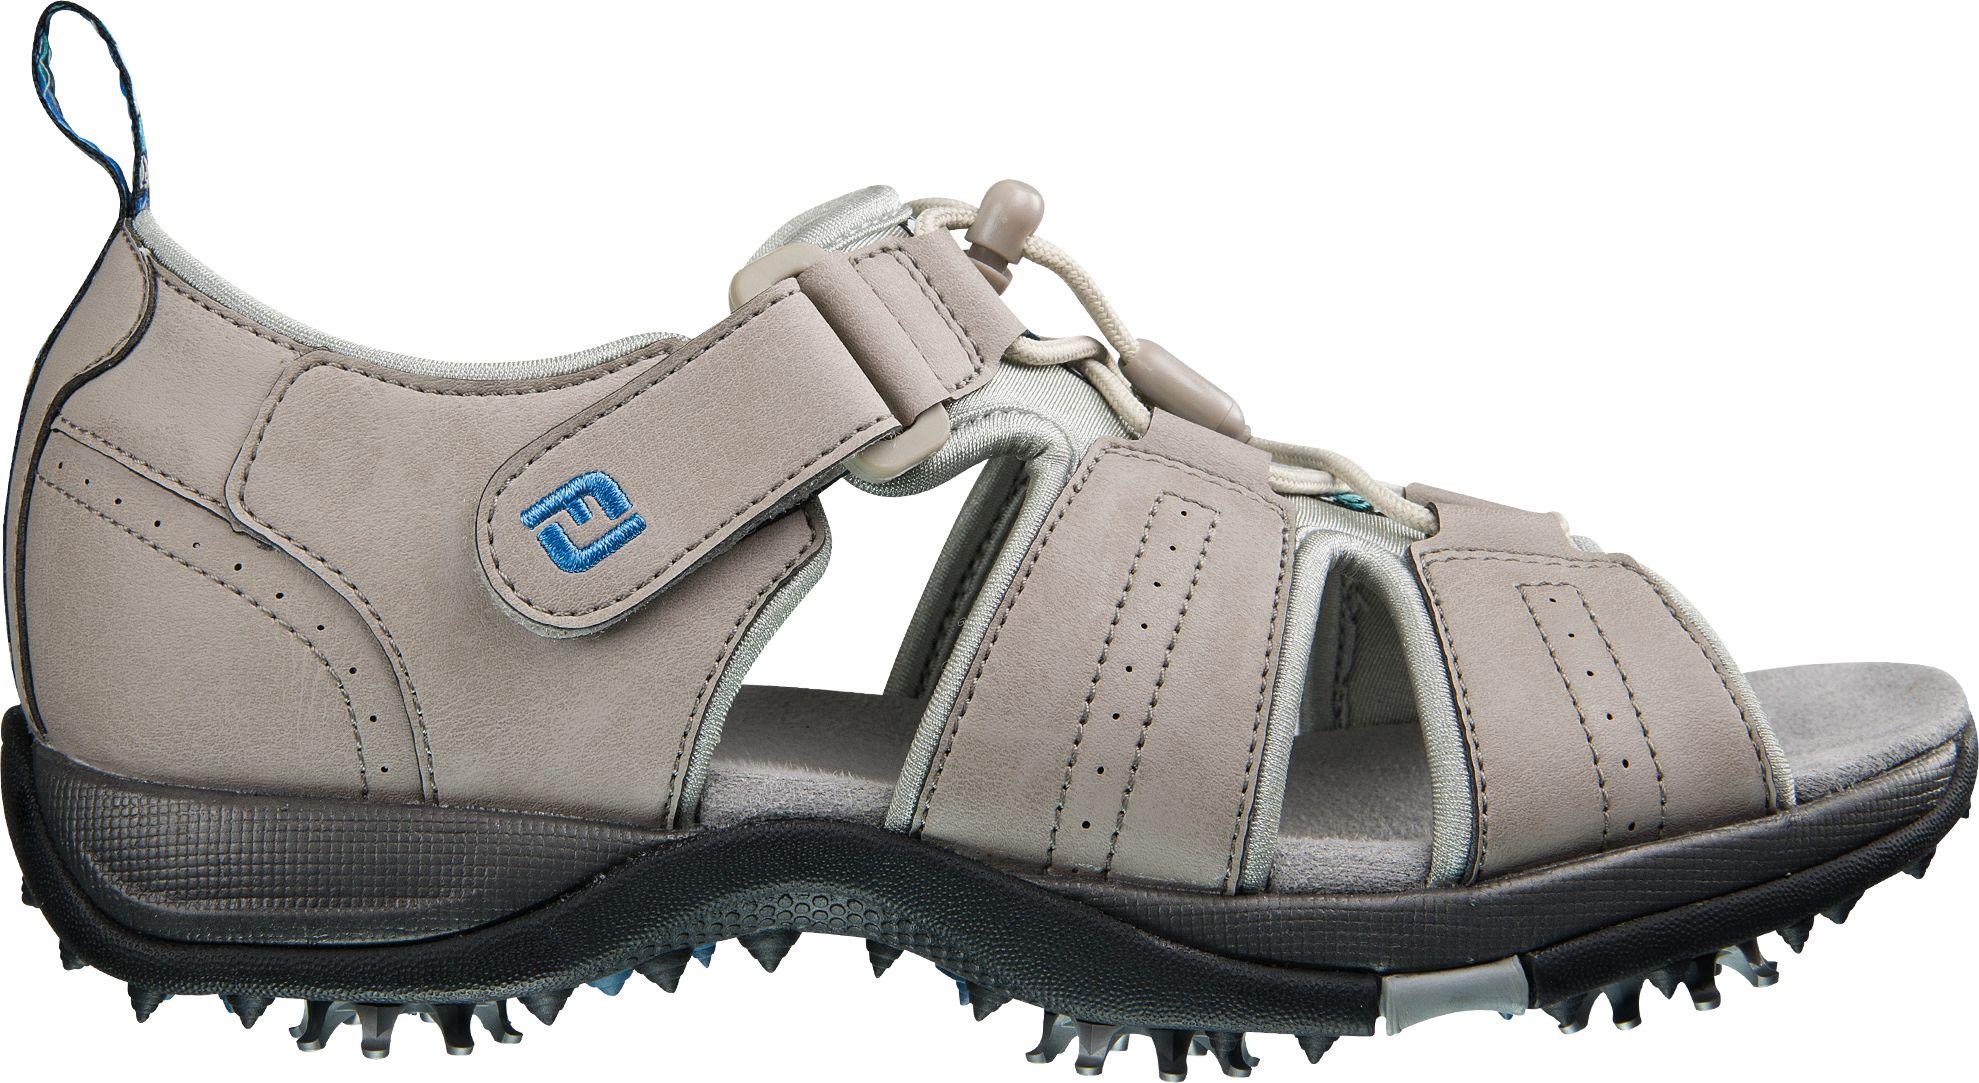 Golf Galaxy Footjoy Shoes